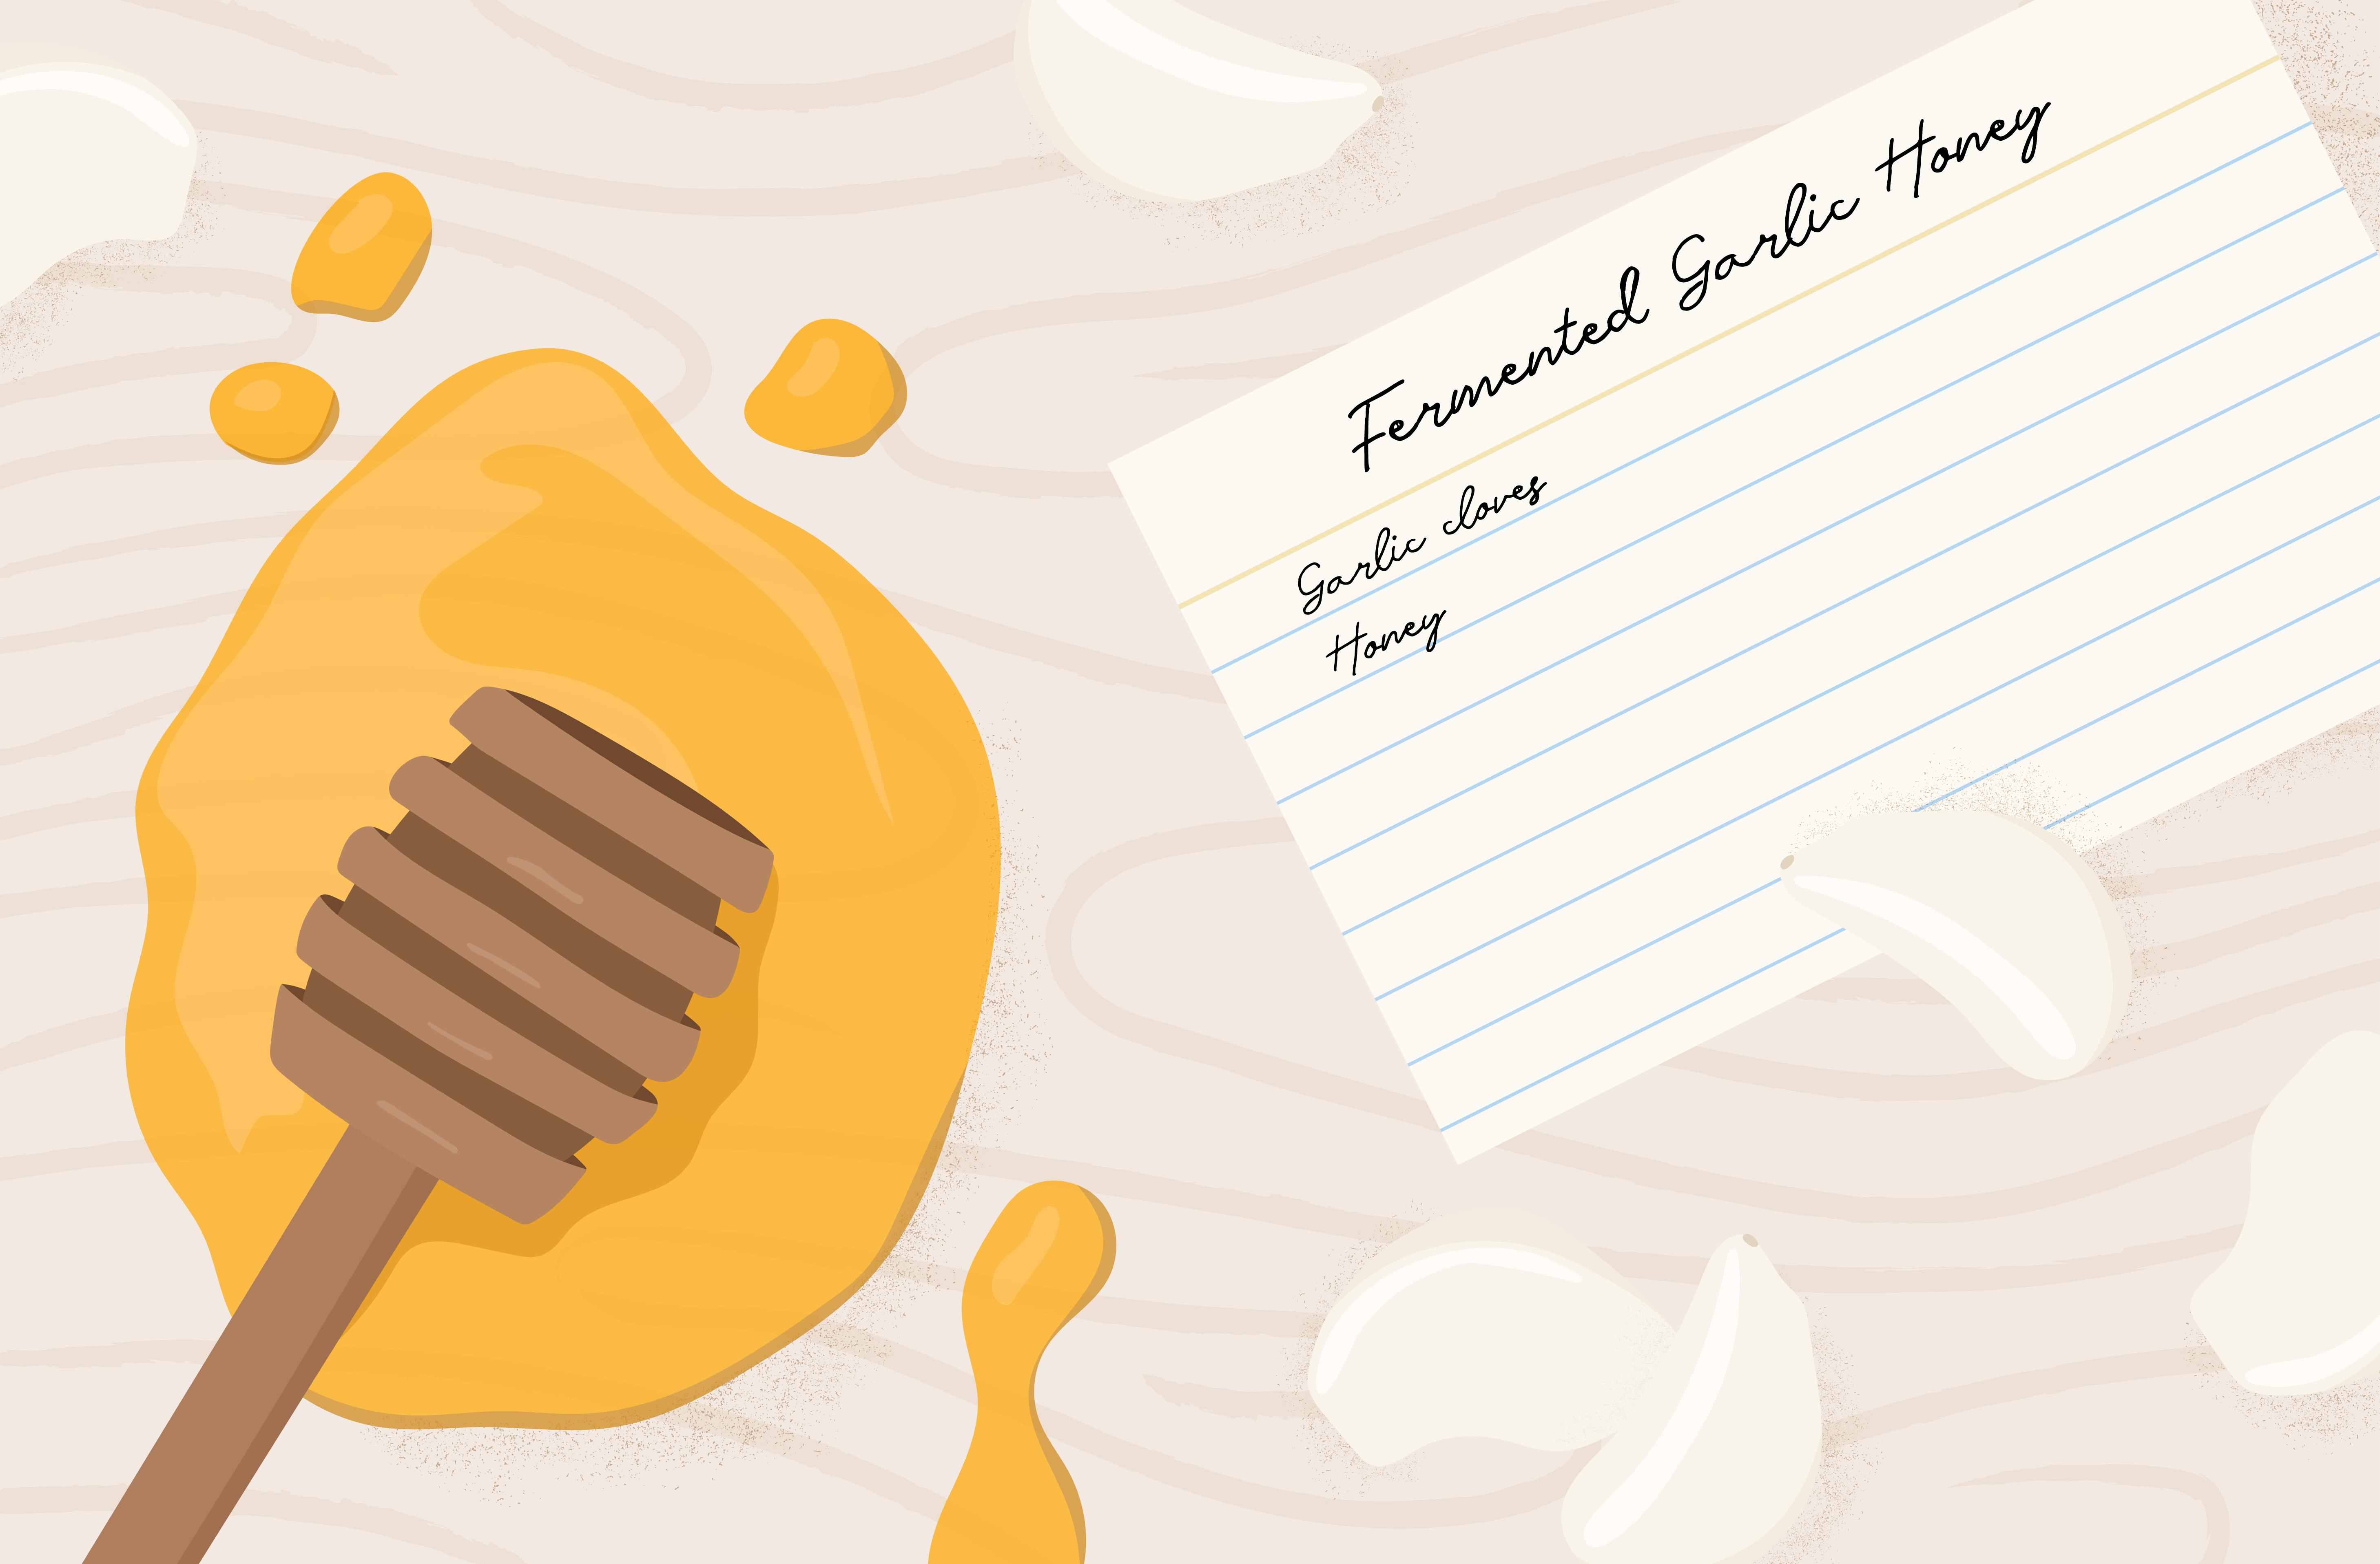 fermented garlic honey recipe card illustration